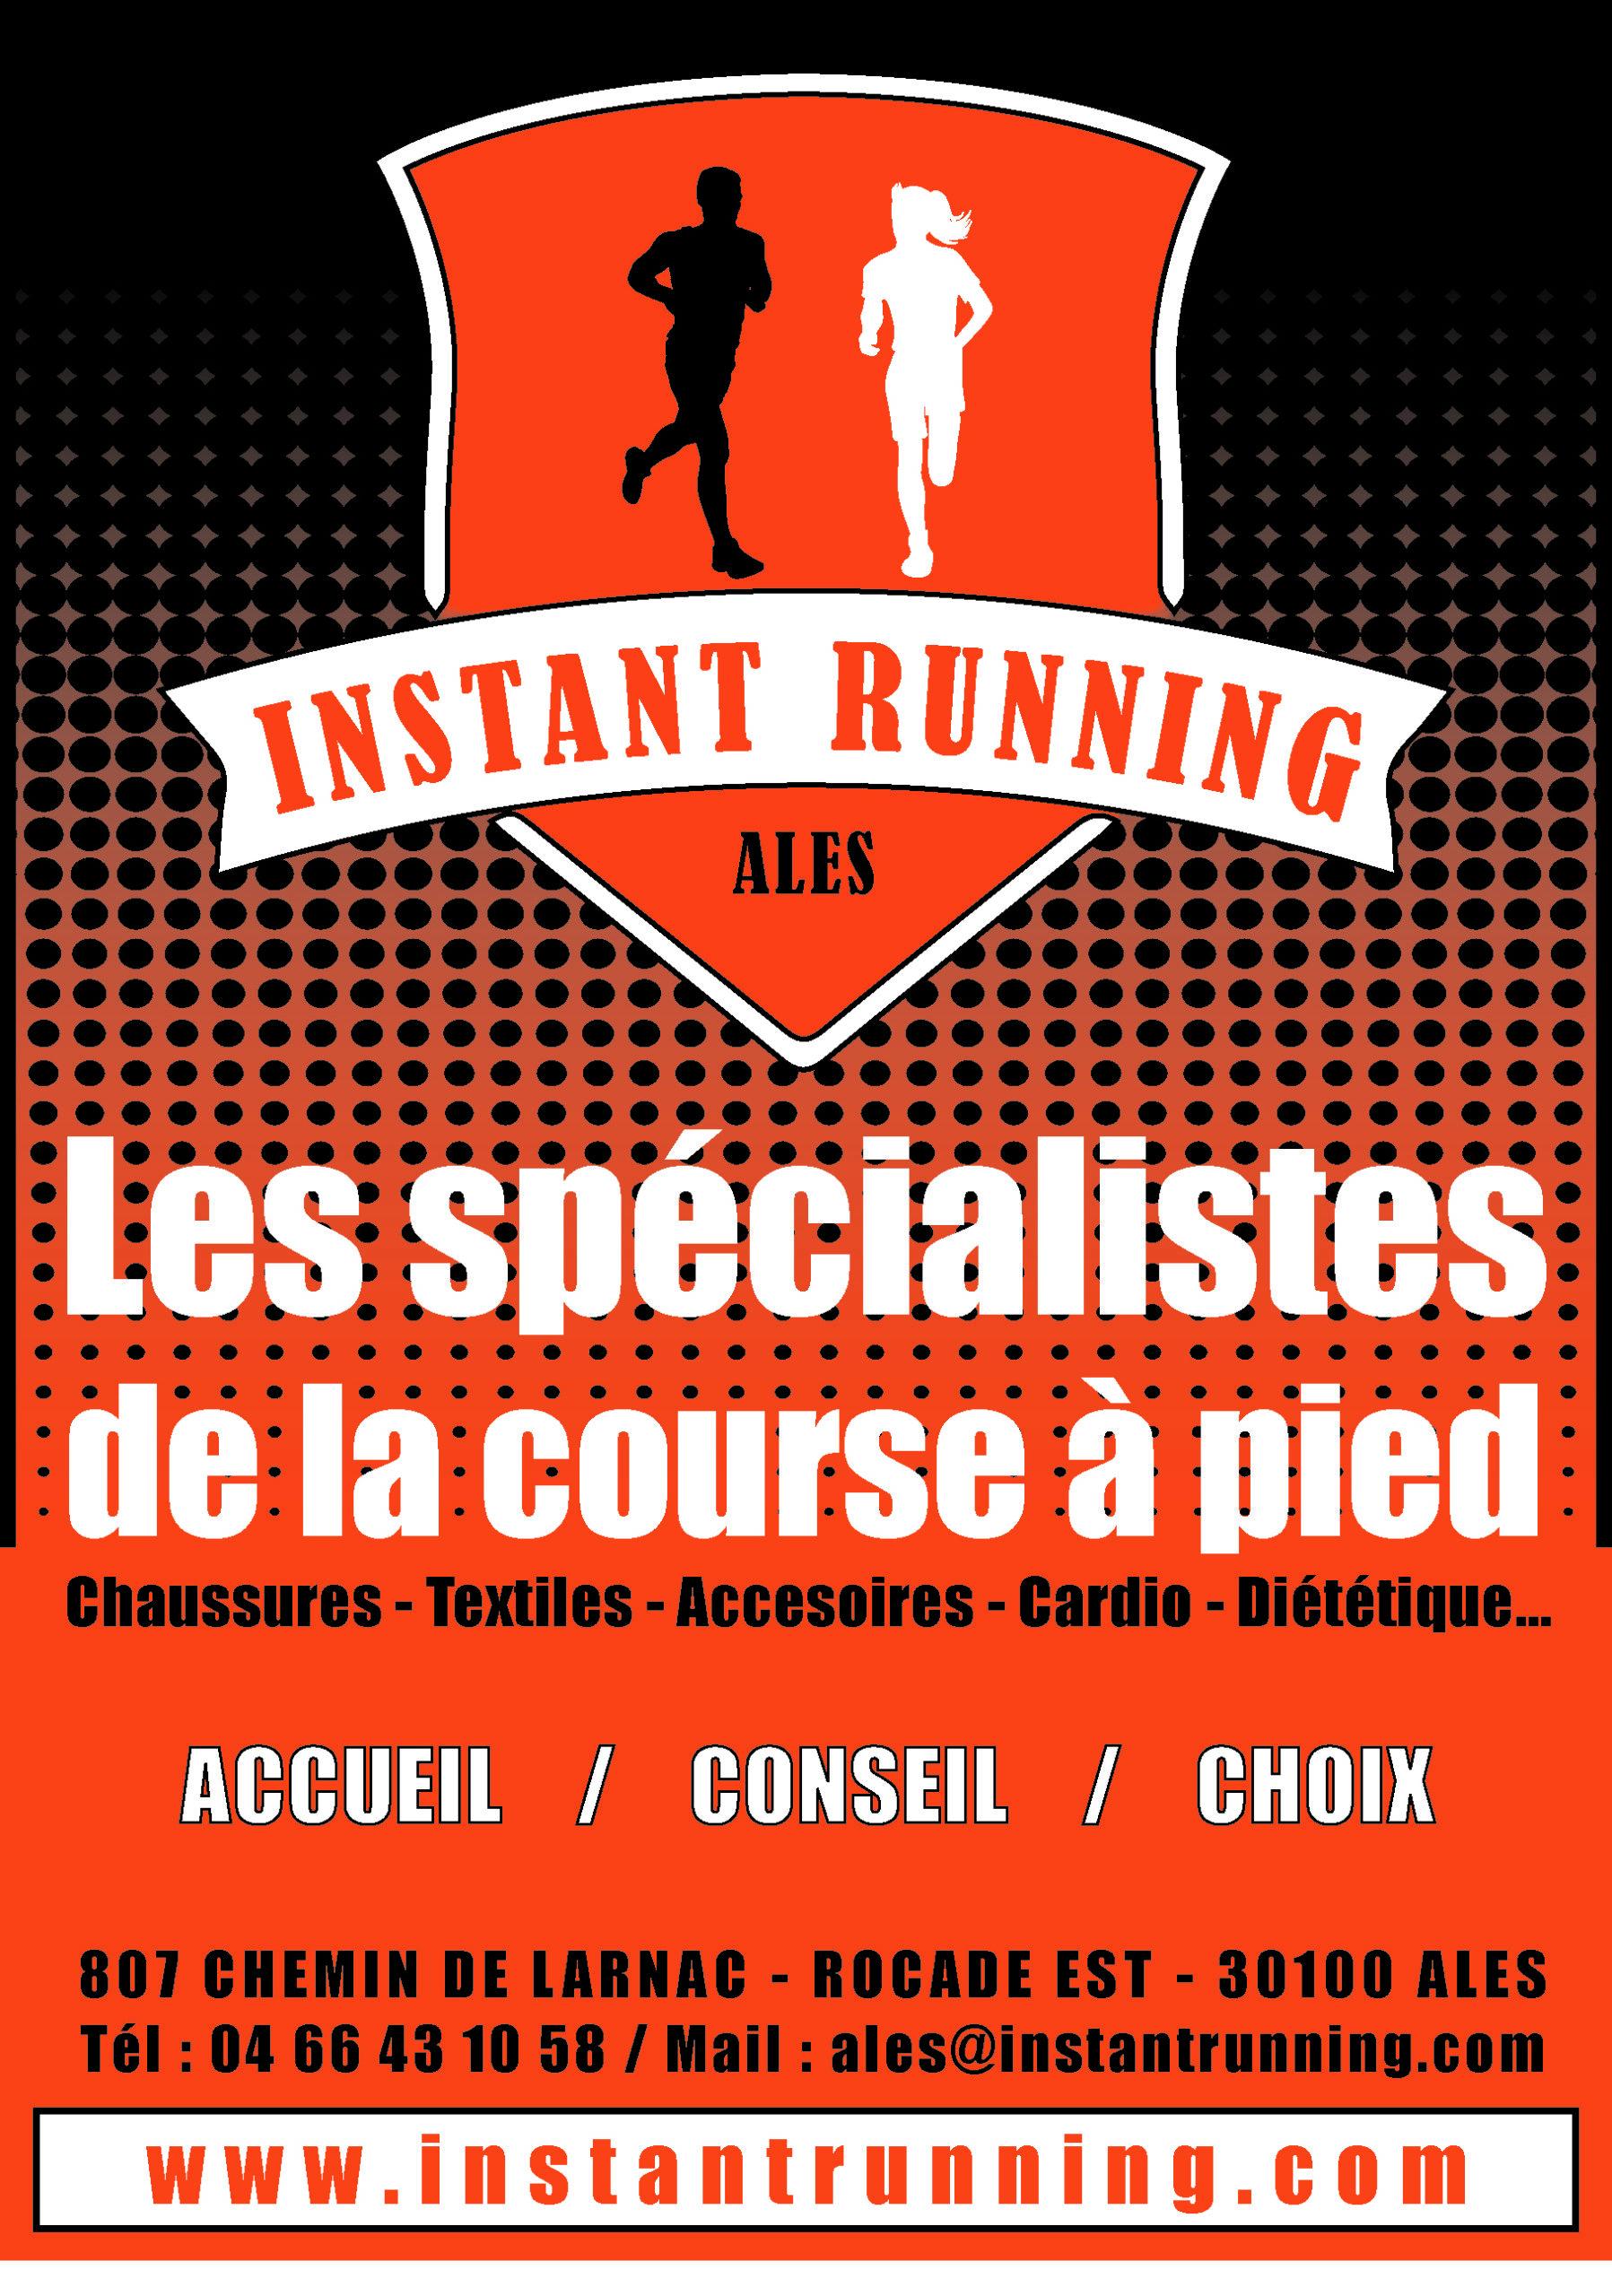 Flyer d'Instant Running Alès, magasin spécialisé dans la vente d'articles de running